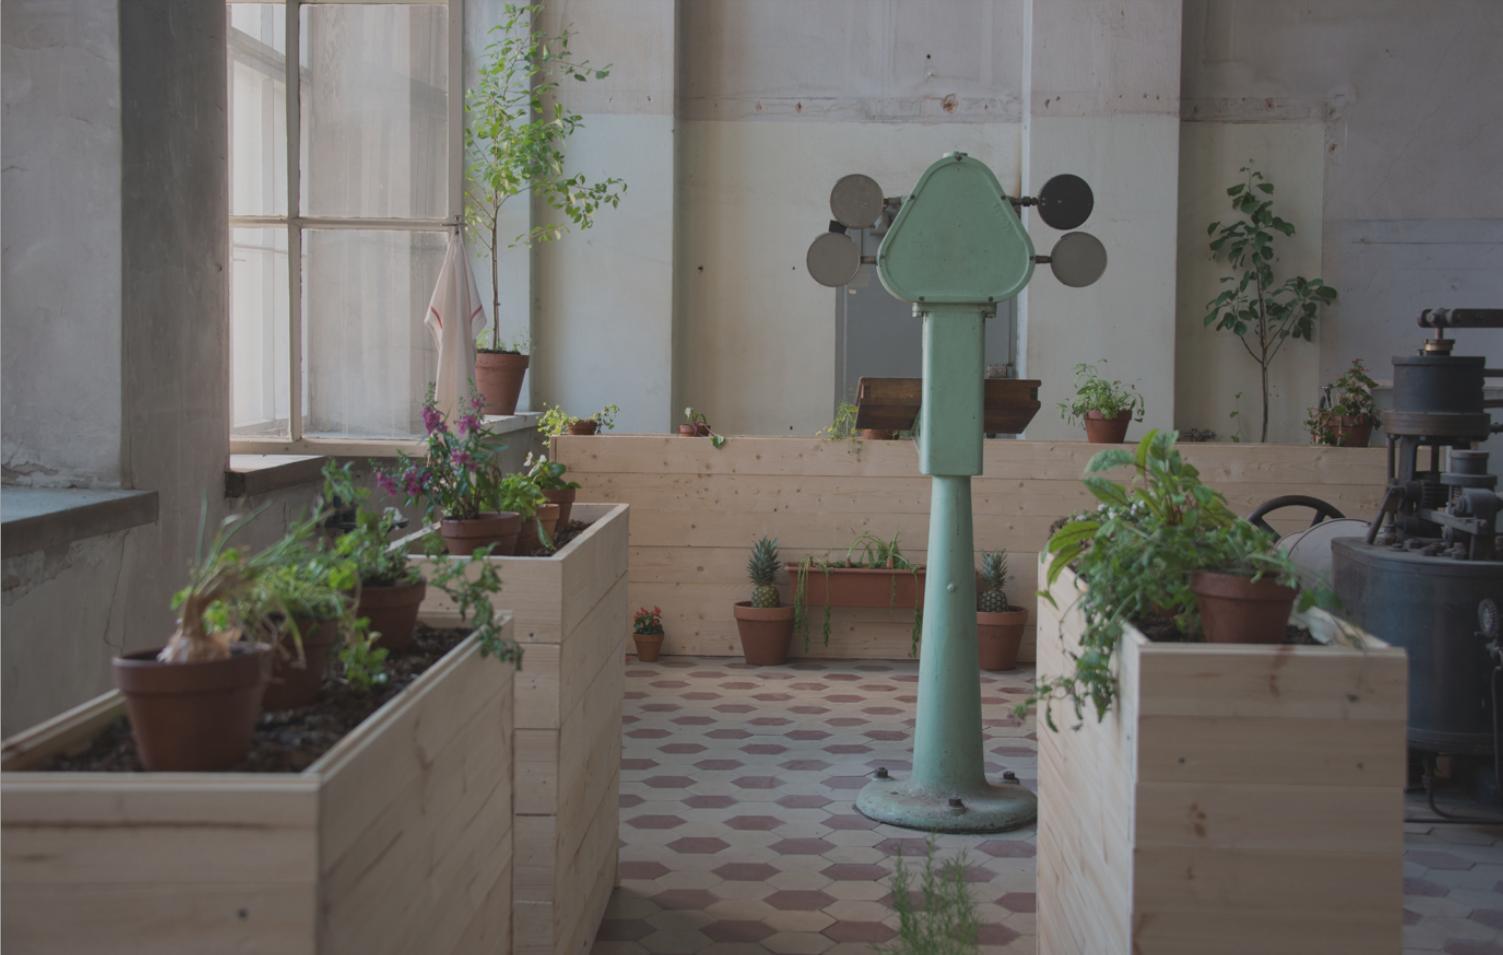 Erno-Erik Raitasen installaatio Kuoleman puutarha nähtiin vuonna 2016 Saatanan kesänäyttelyssä. Teoksen raaka-aineina käytettiin muun muassa kompostoitua biojätettä ja ulostetta, kastematoja, pääasiassa löydettyjä kasveja.